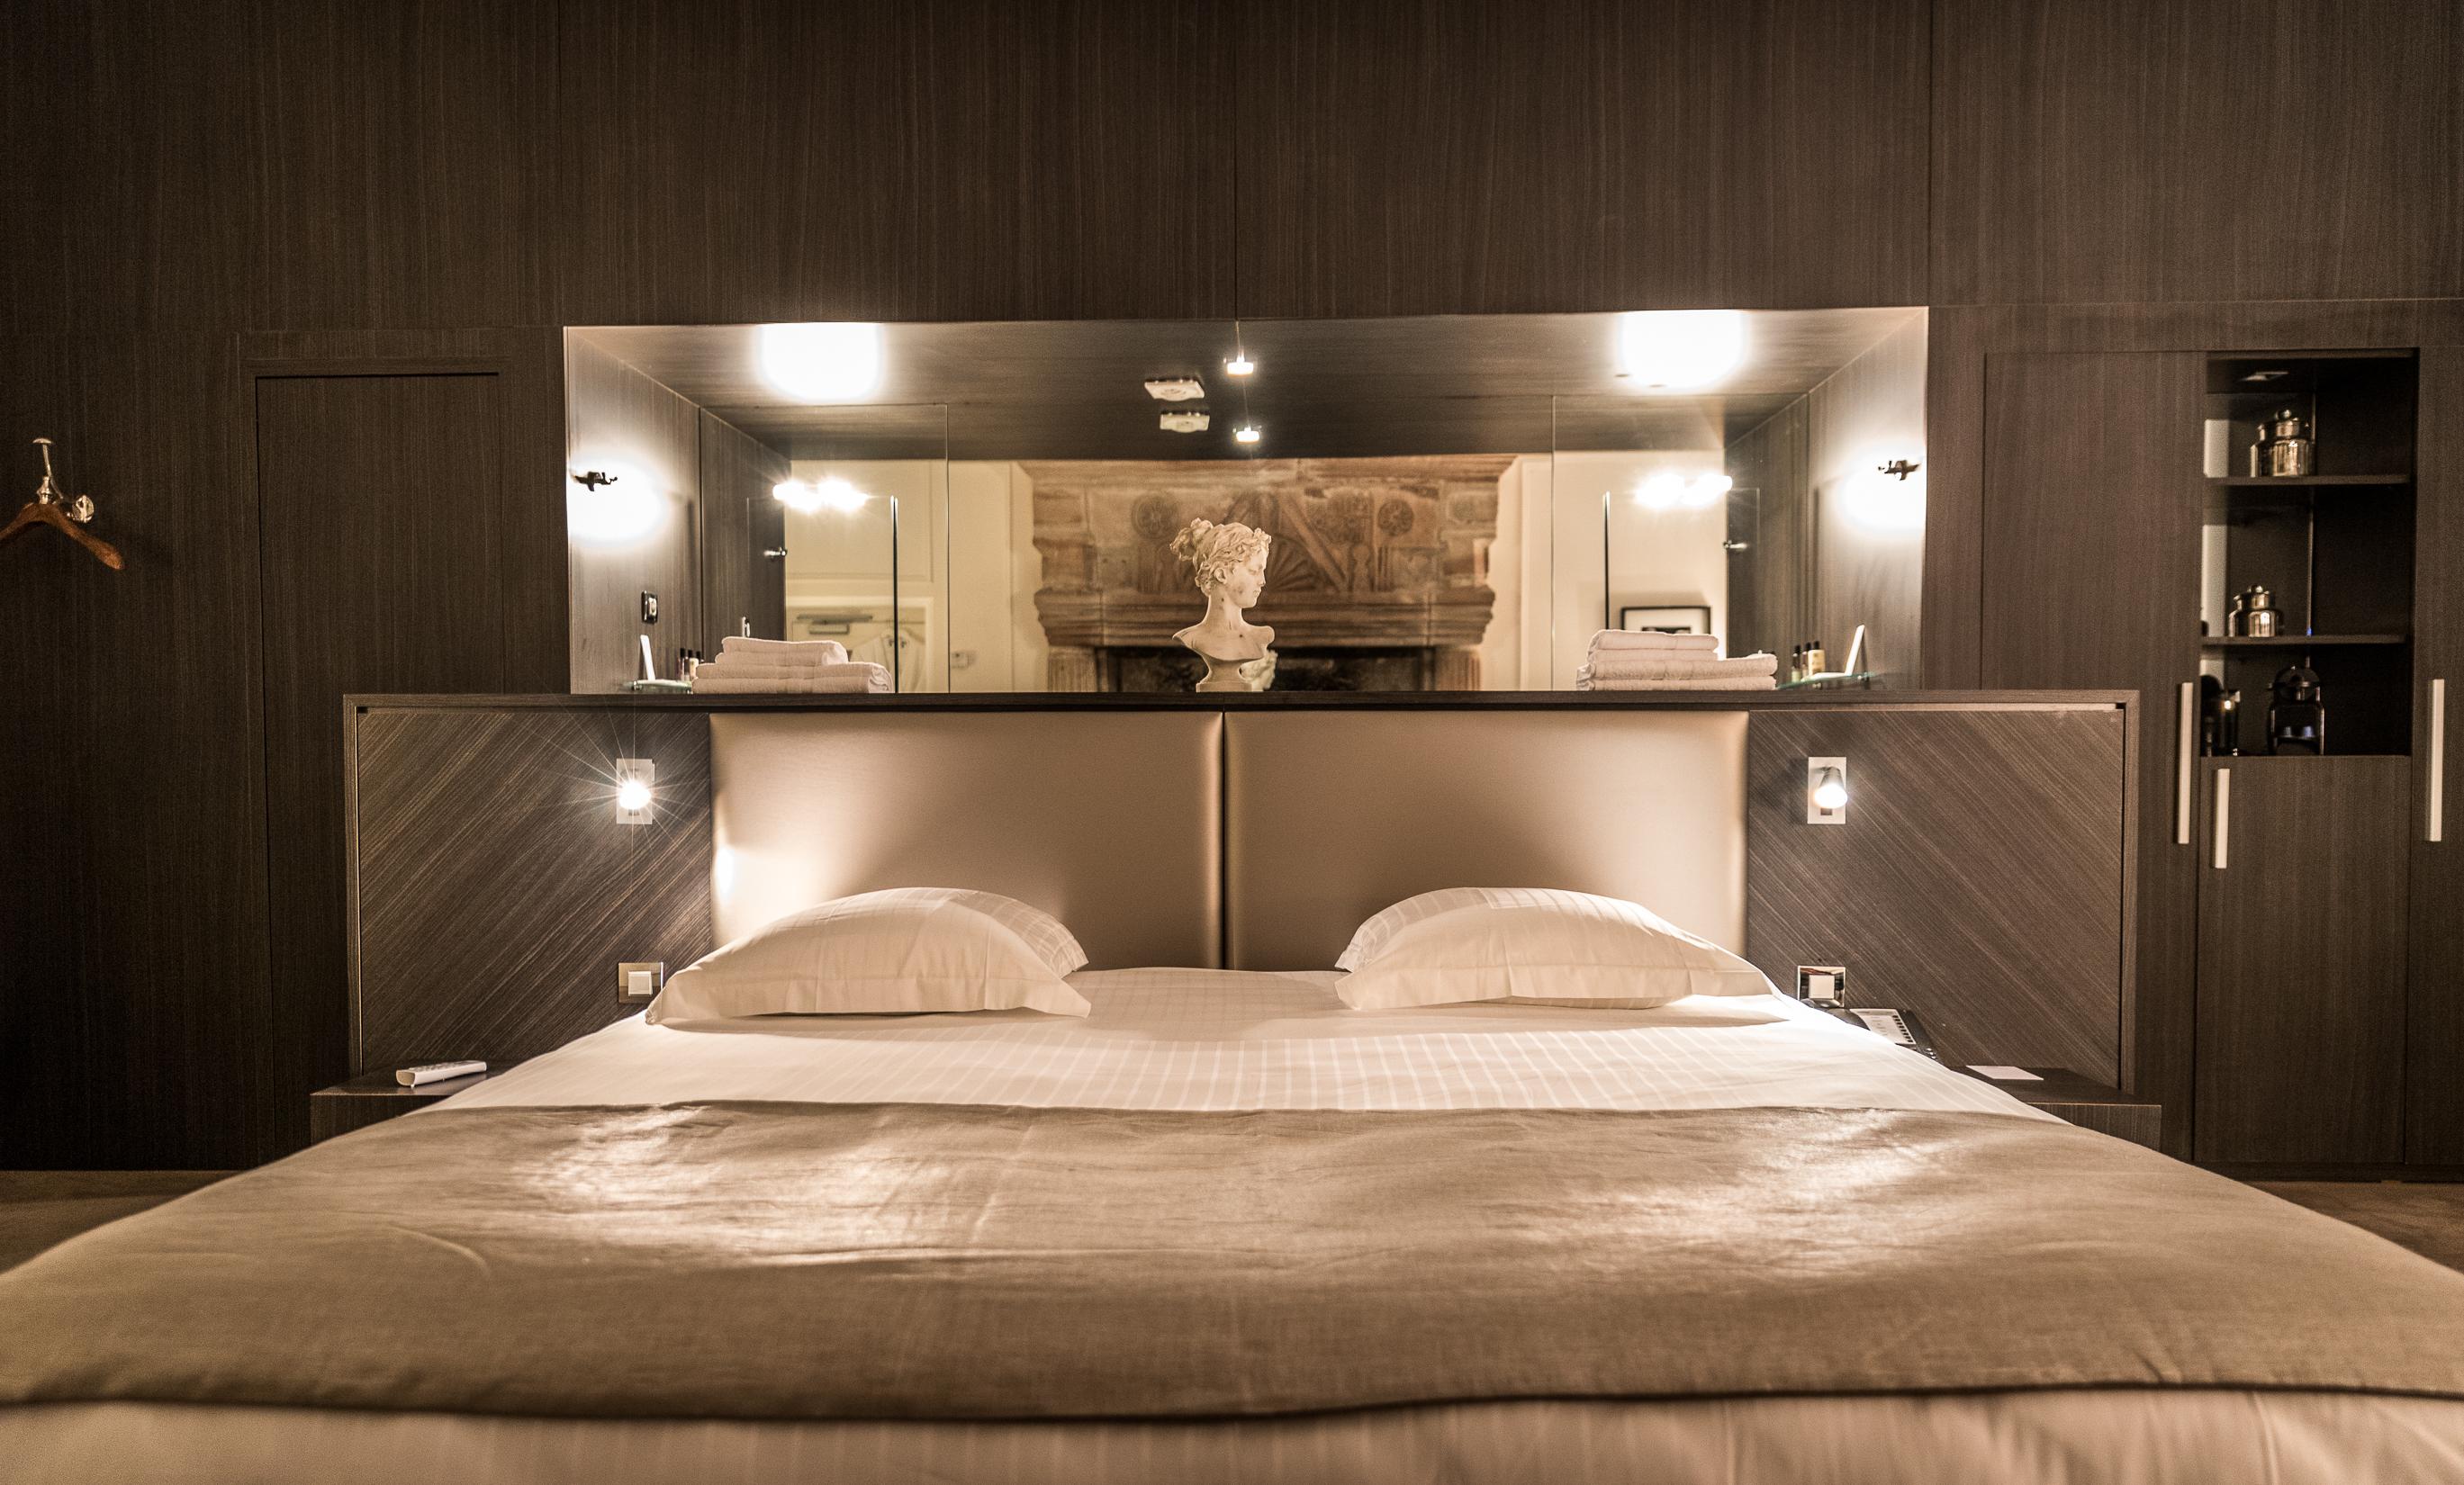 Chambre deluxe hotel 4 brive ch teau de lacan hotel de for Hotel du collectionneur nombre de chambres